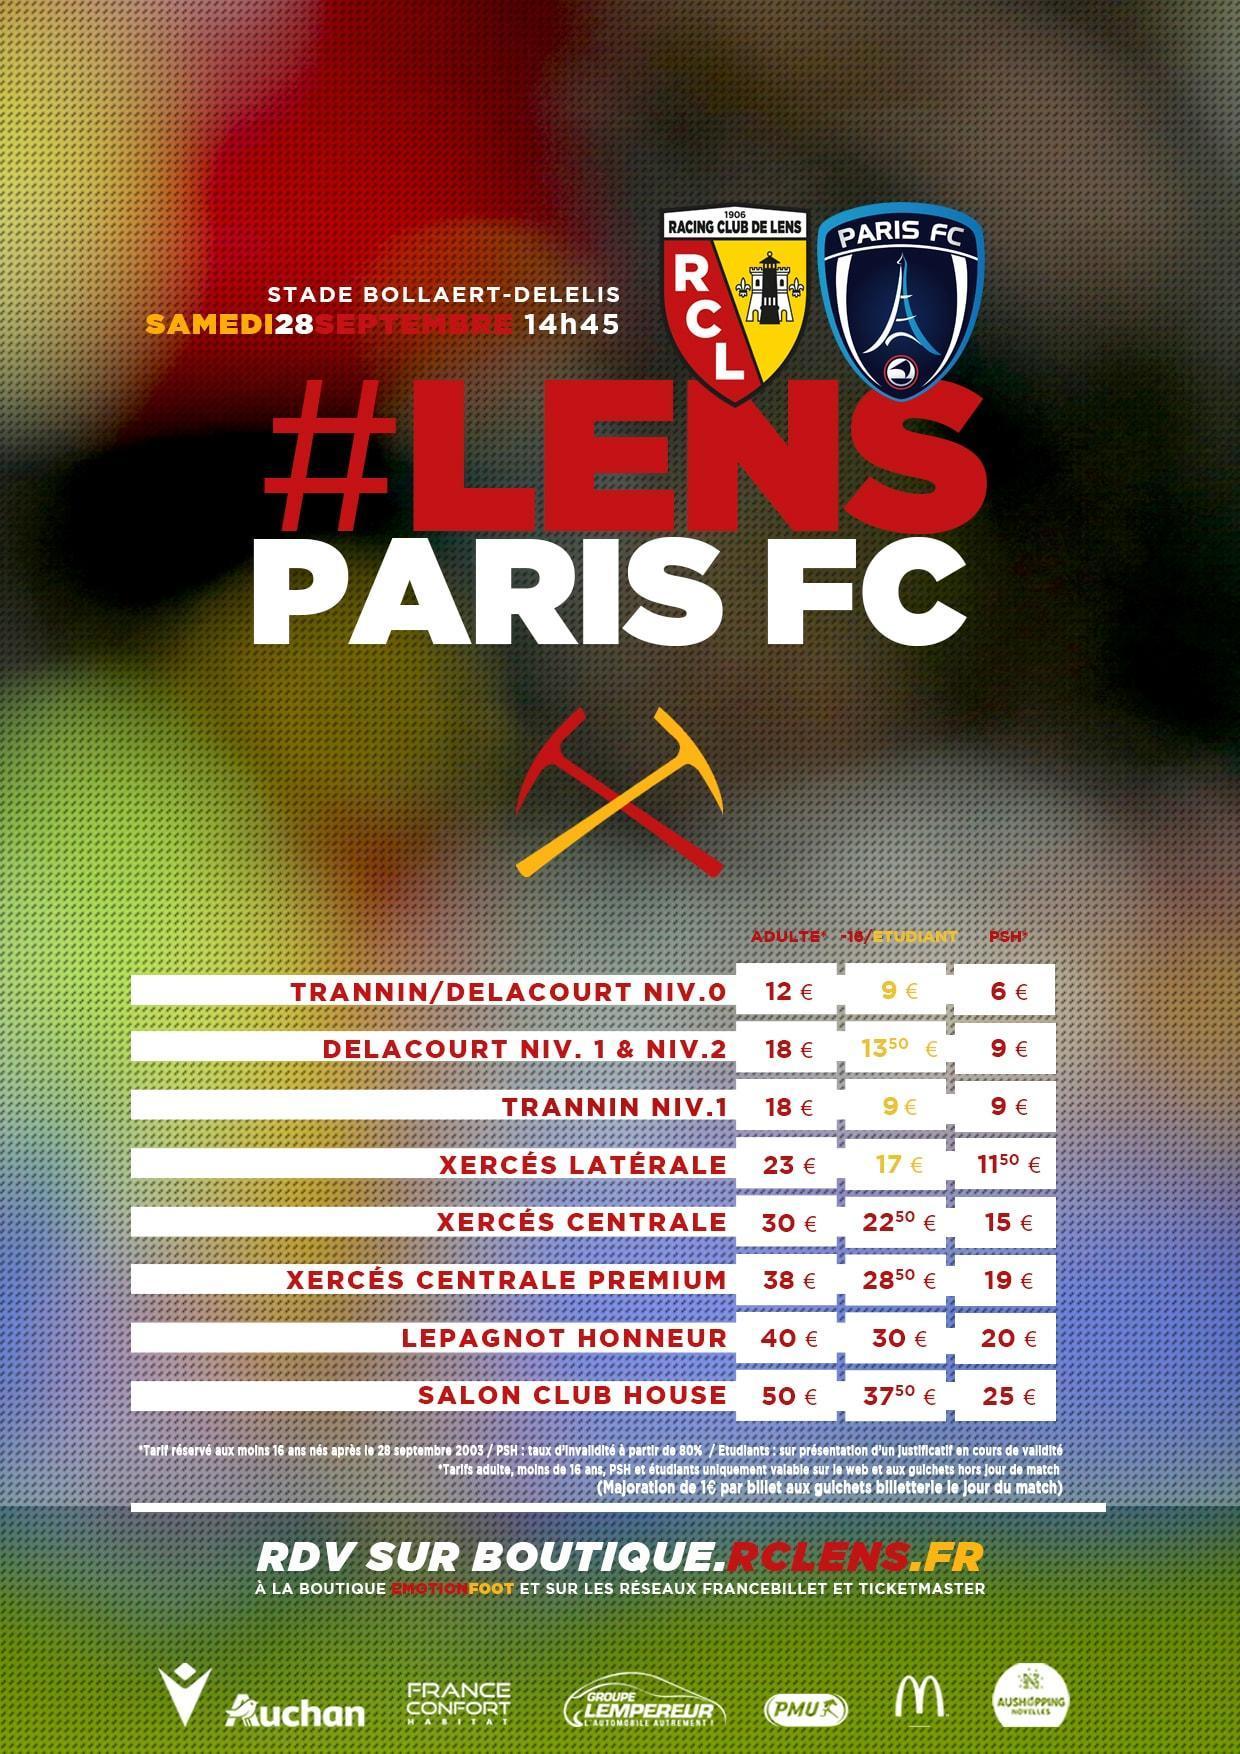 Assistez à Lens - Paris FC billetterie tarifs rclens